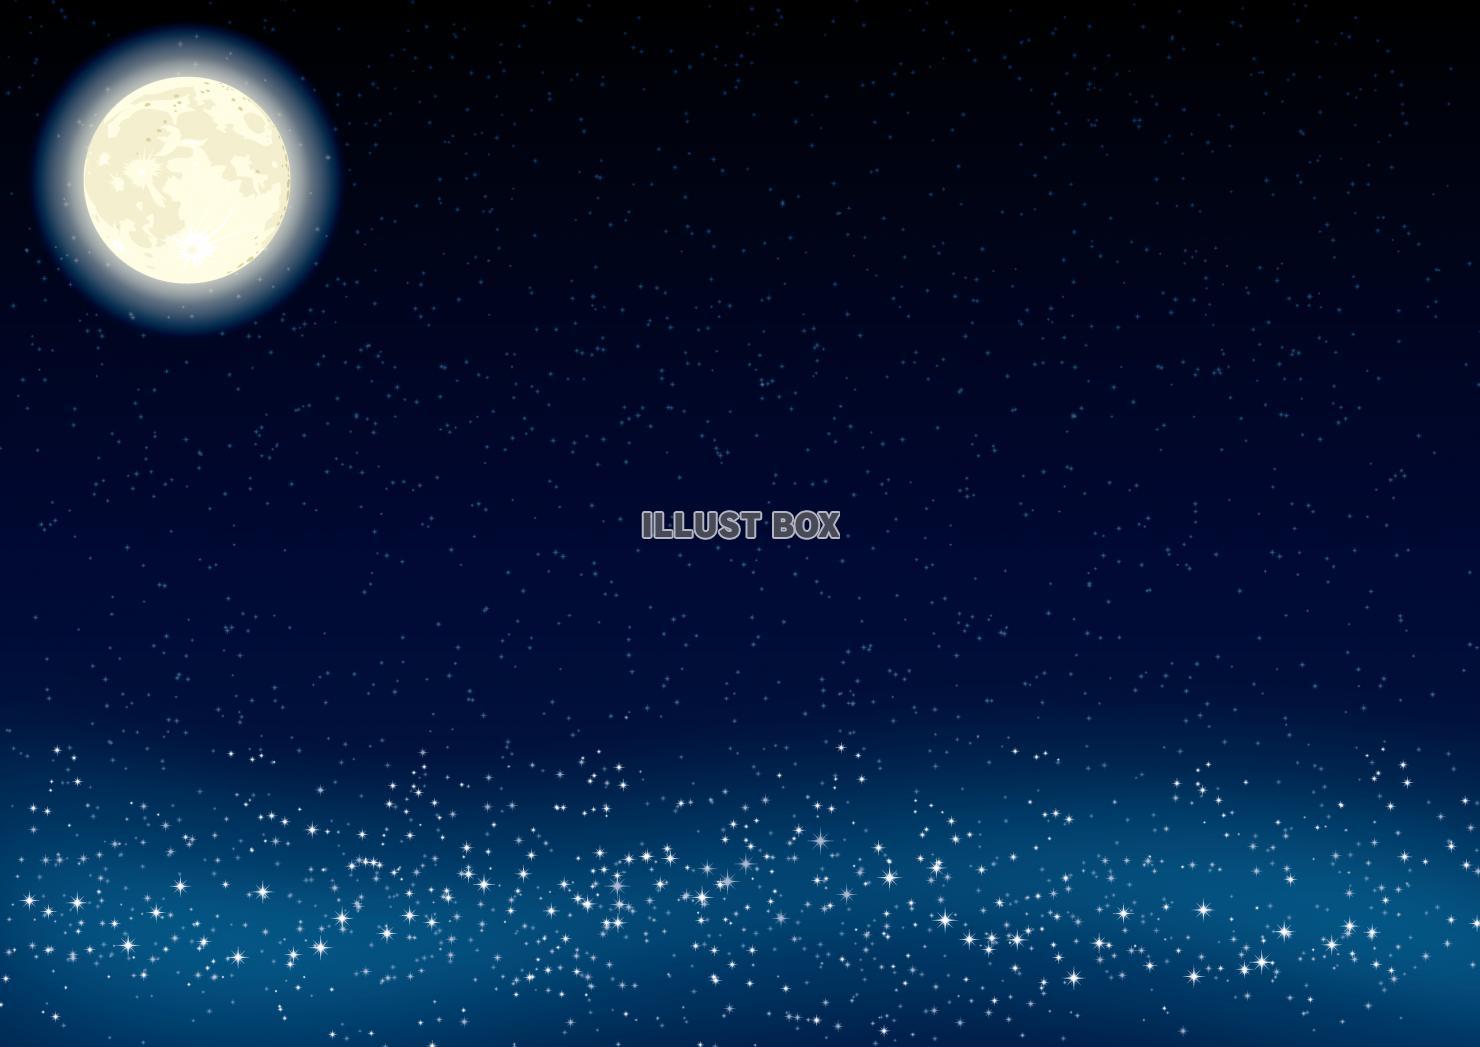 無料イラスト 月 宇宙 星空 壁紙